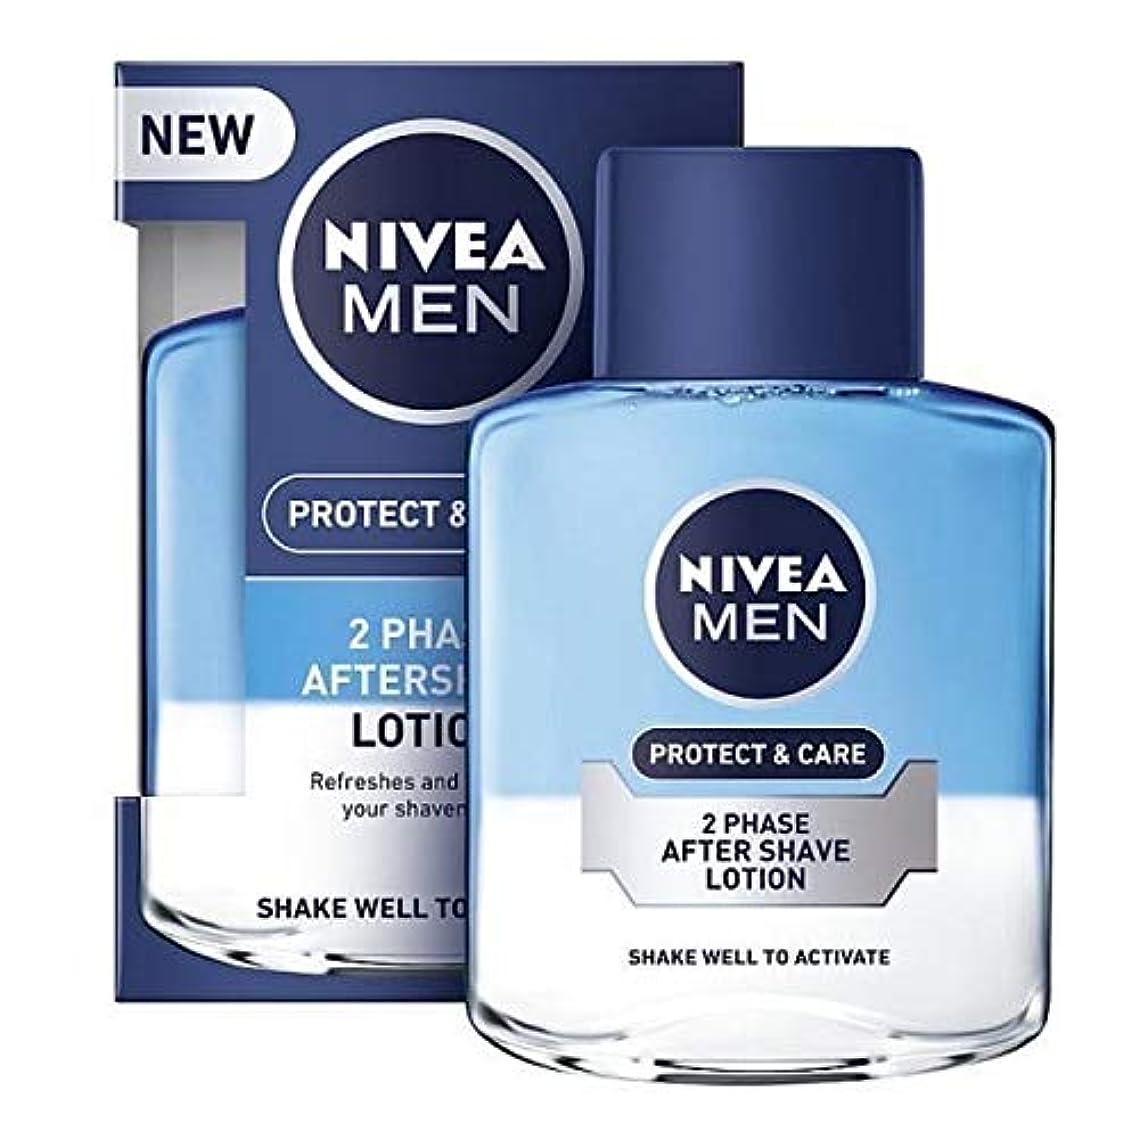 リスク着服アリ[Nivea ] ニベアの男性2相アフターシェーブローション保護&ケア、100ミリリットル - NIVEA MEN 2 Phase Aftershave Lotion Protect & Care, 100ml [並行輸入品]